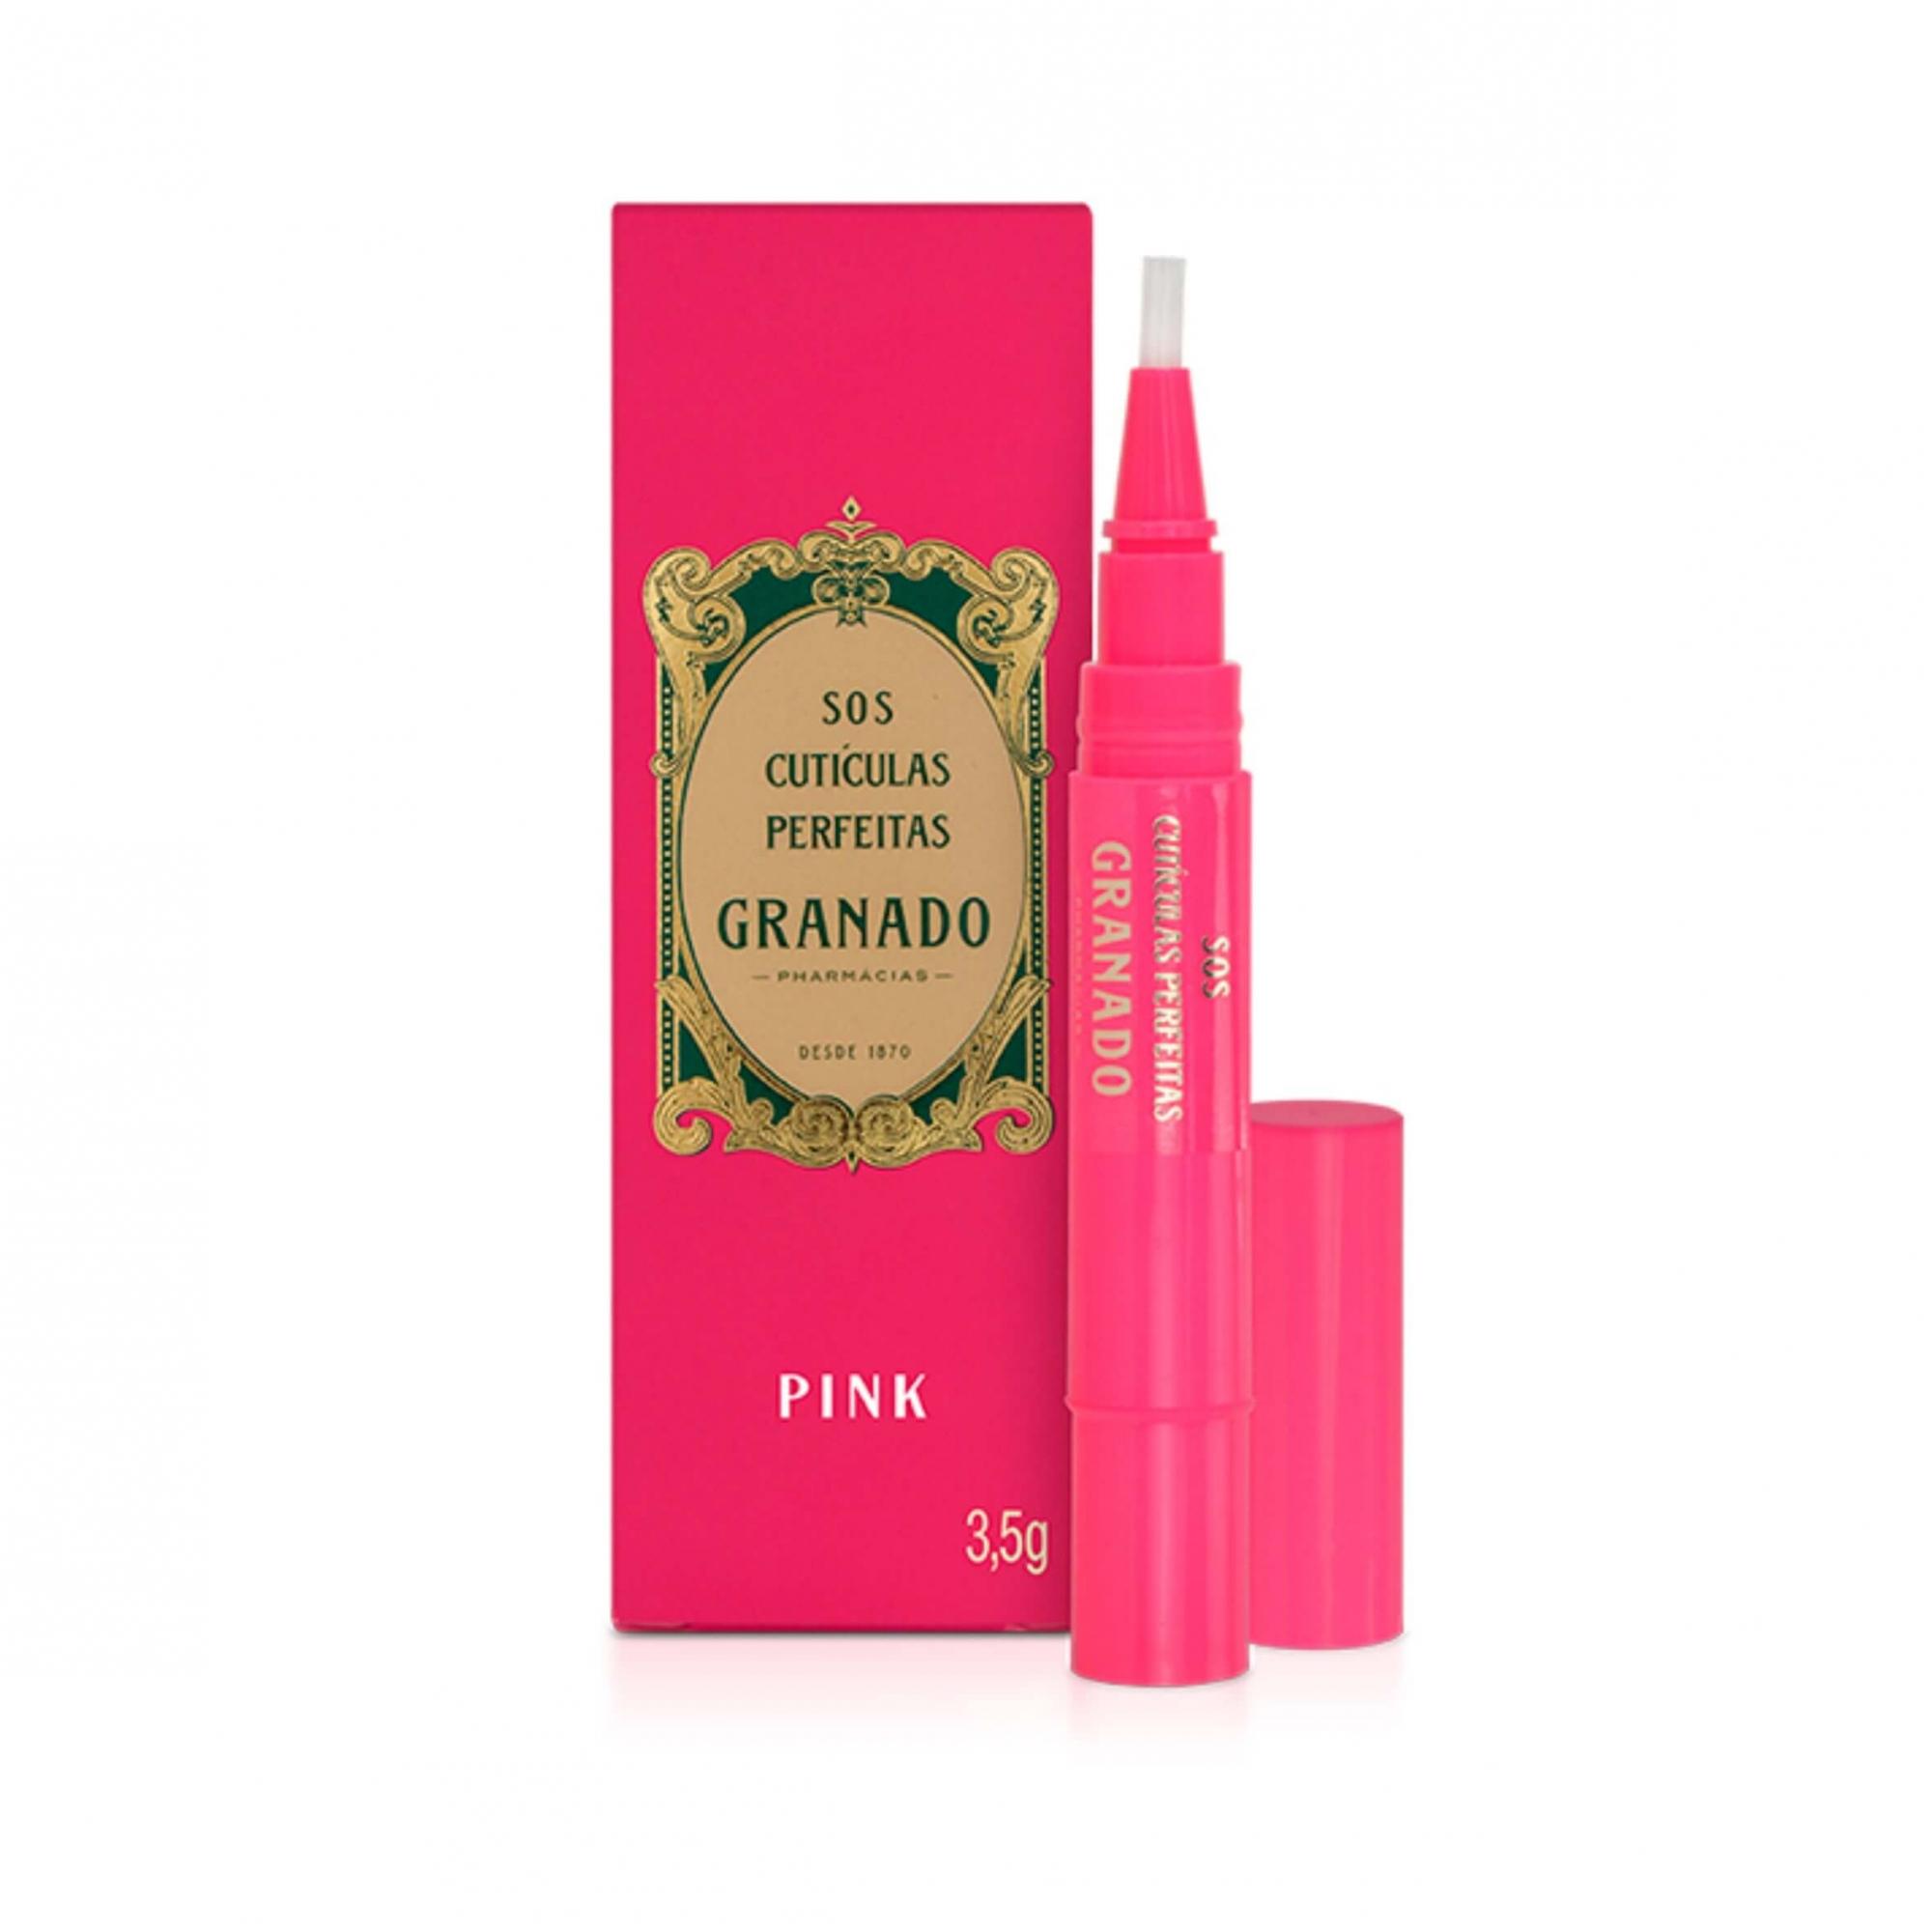 Sos Cutículas Perfeitas Granado Pink 3,5g